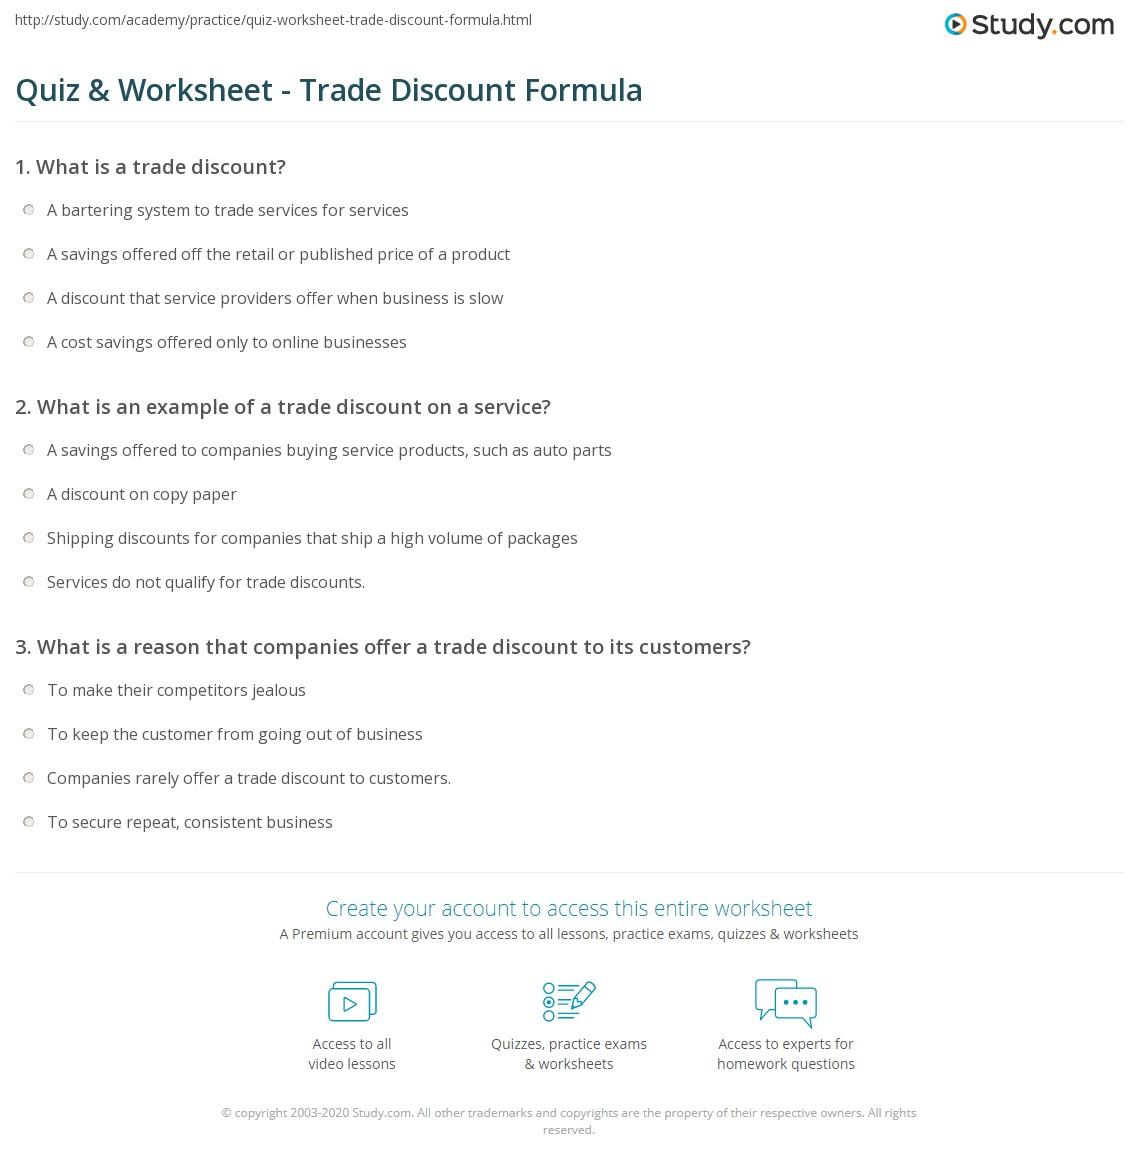 Quiz & Worksheet - Trade Discount Formula | Study.com